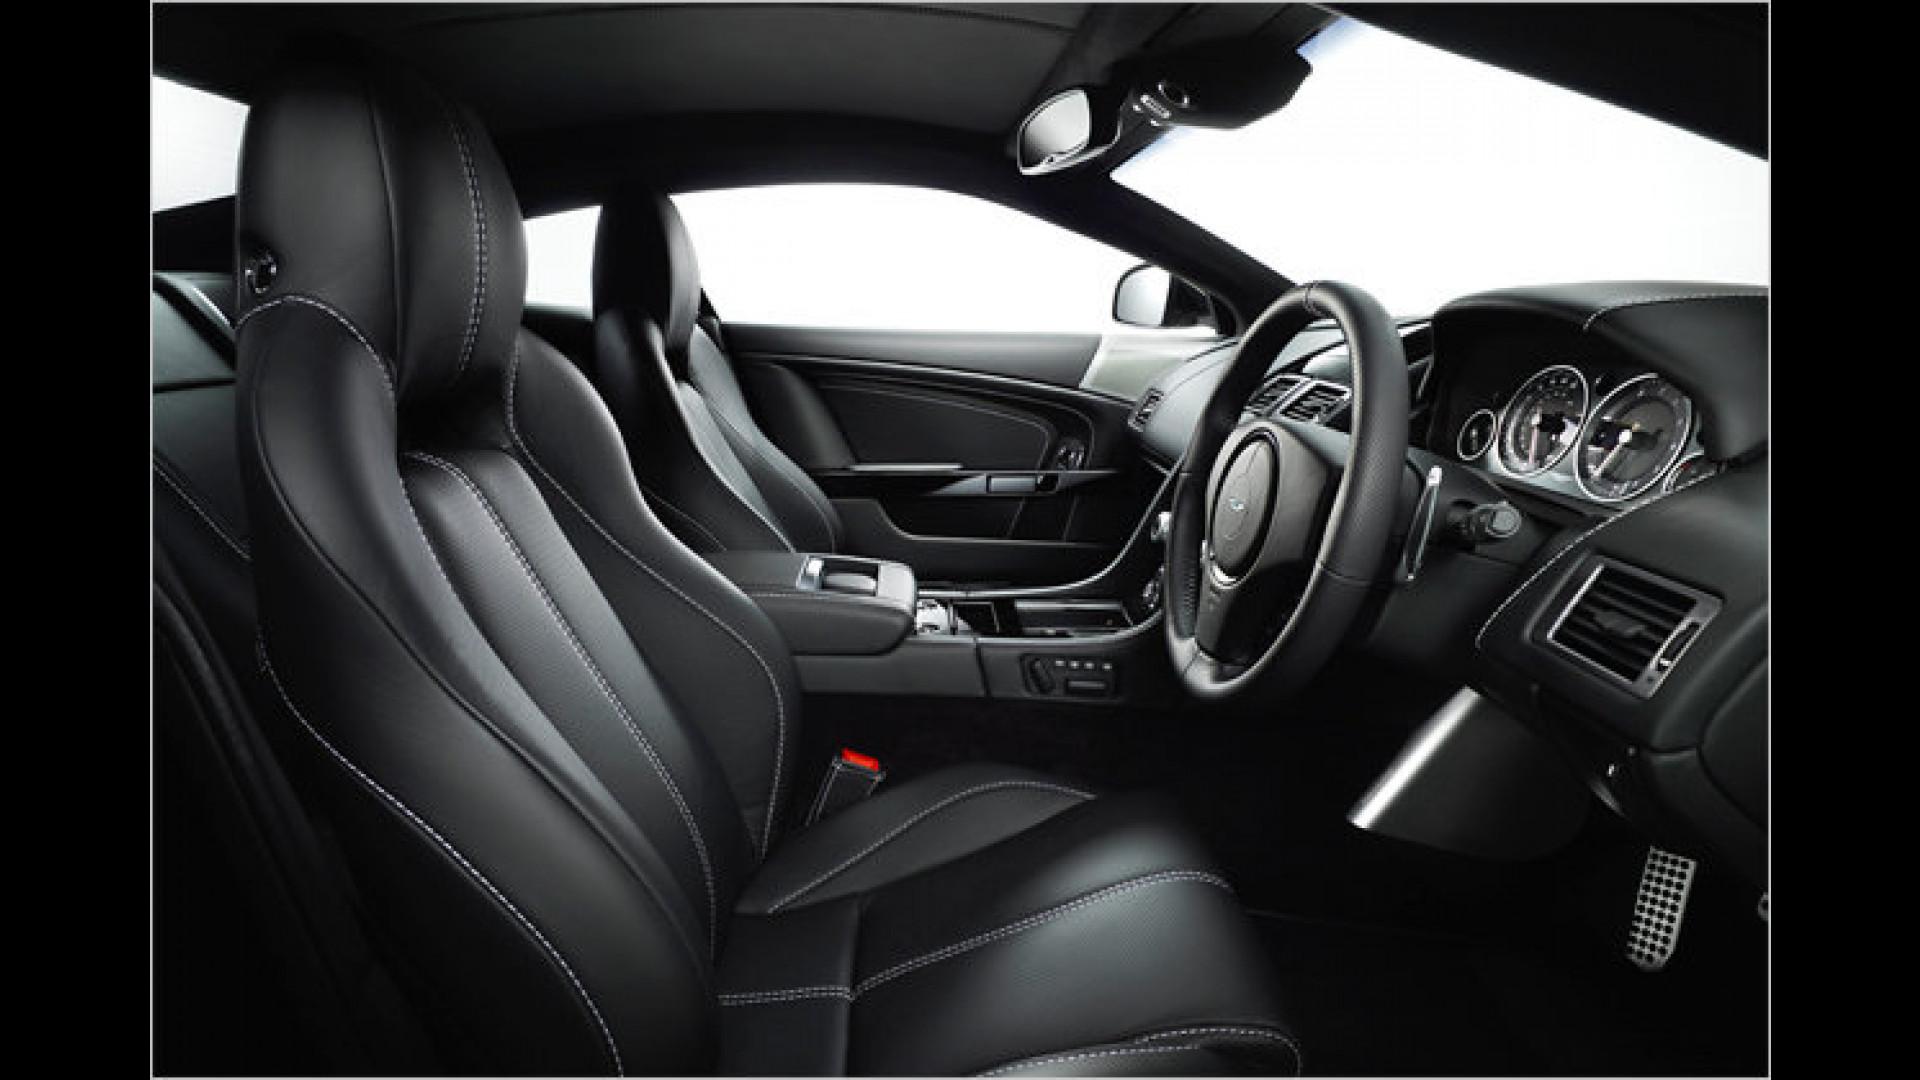 Aston Martin Db9 Editionen In Schwarz Silber Und Weiß